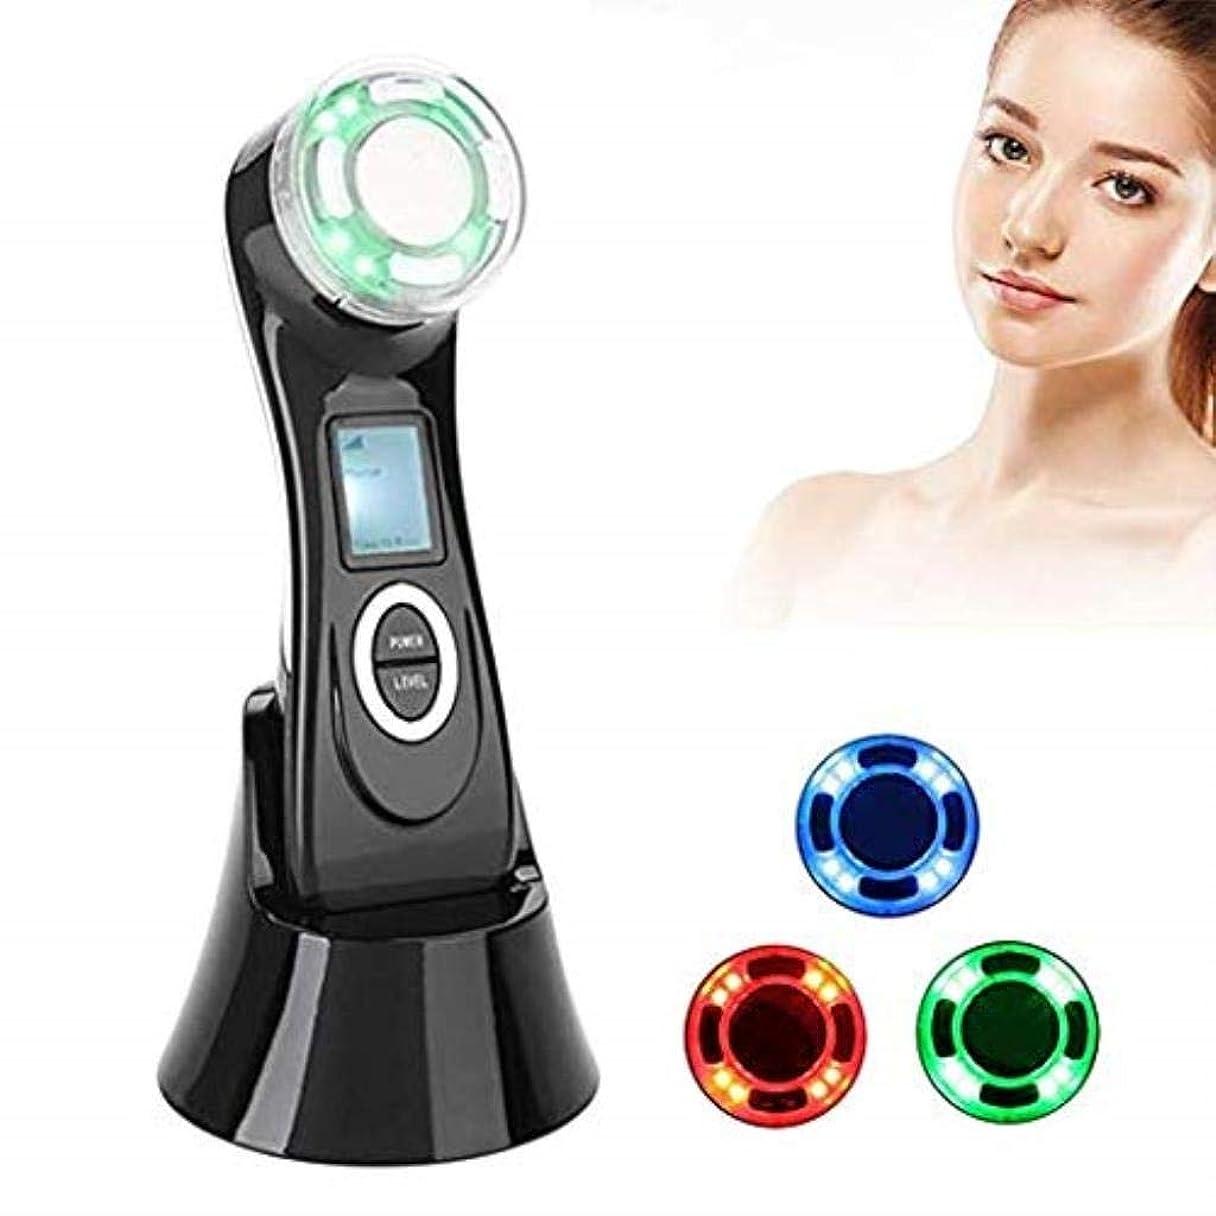 選択隠同僚MJWM 美しくなる 1つのしわの減少装置高周波RF LED EMSの美のマッサージャーの顔のマッサージャー5つ/持ち上がること/反老化/皮のきつく締まること/表面清潔になること/反アクネ 肌を改善する